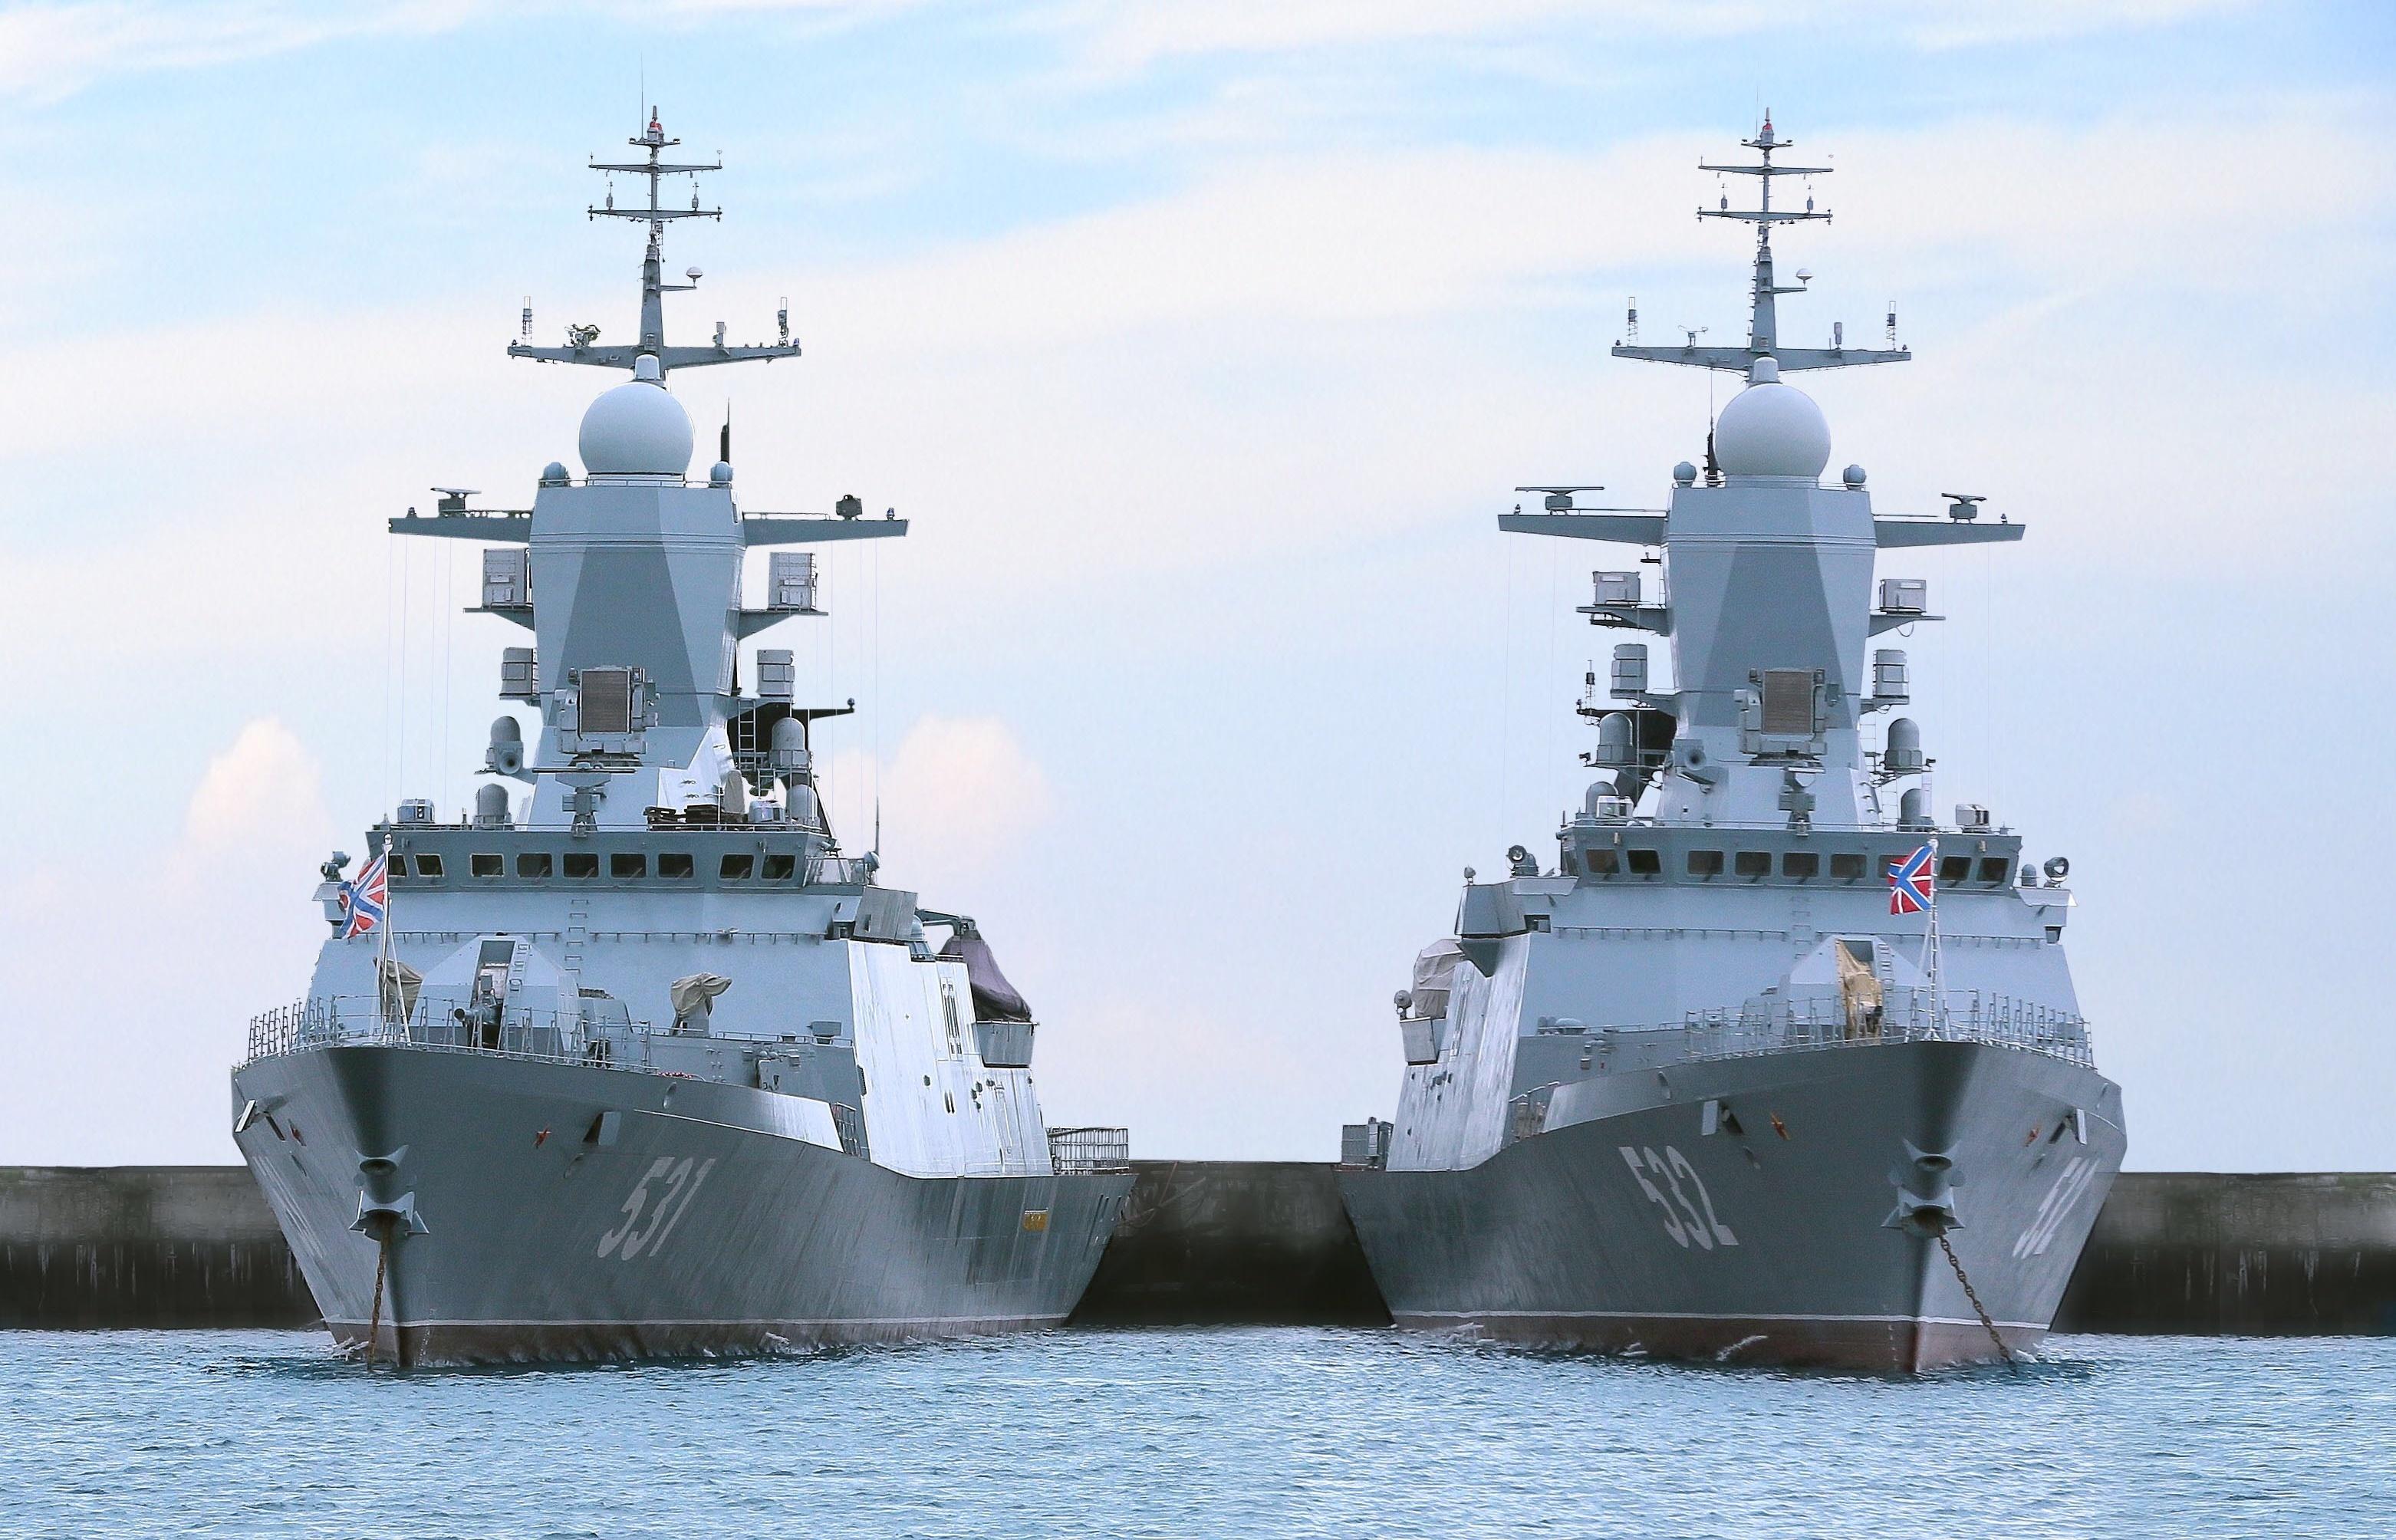 фотографии современных кораблей вмф россии фотографировались целью оставить